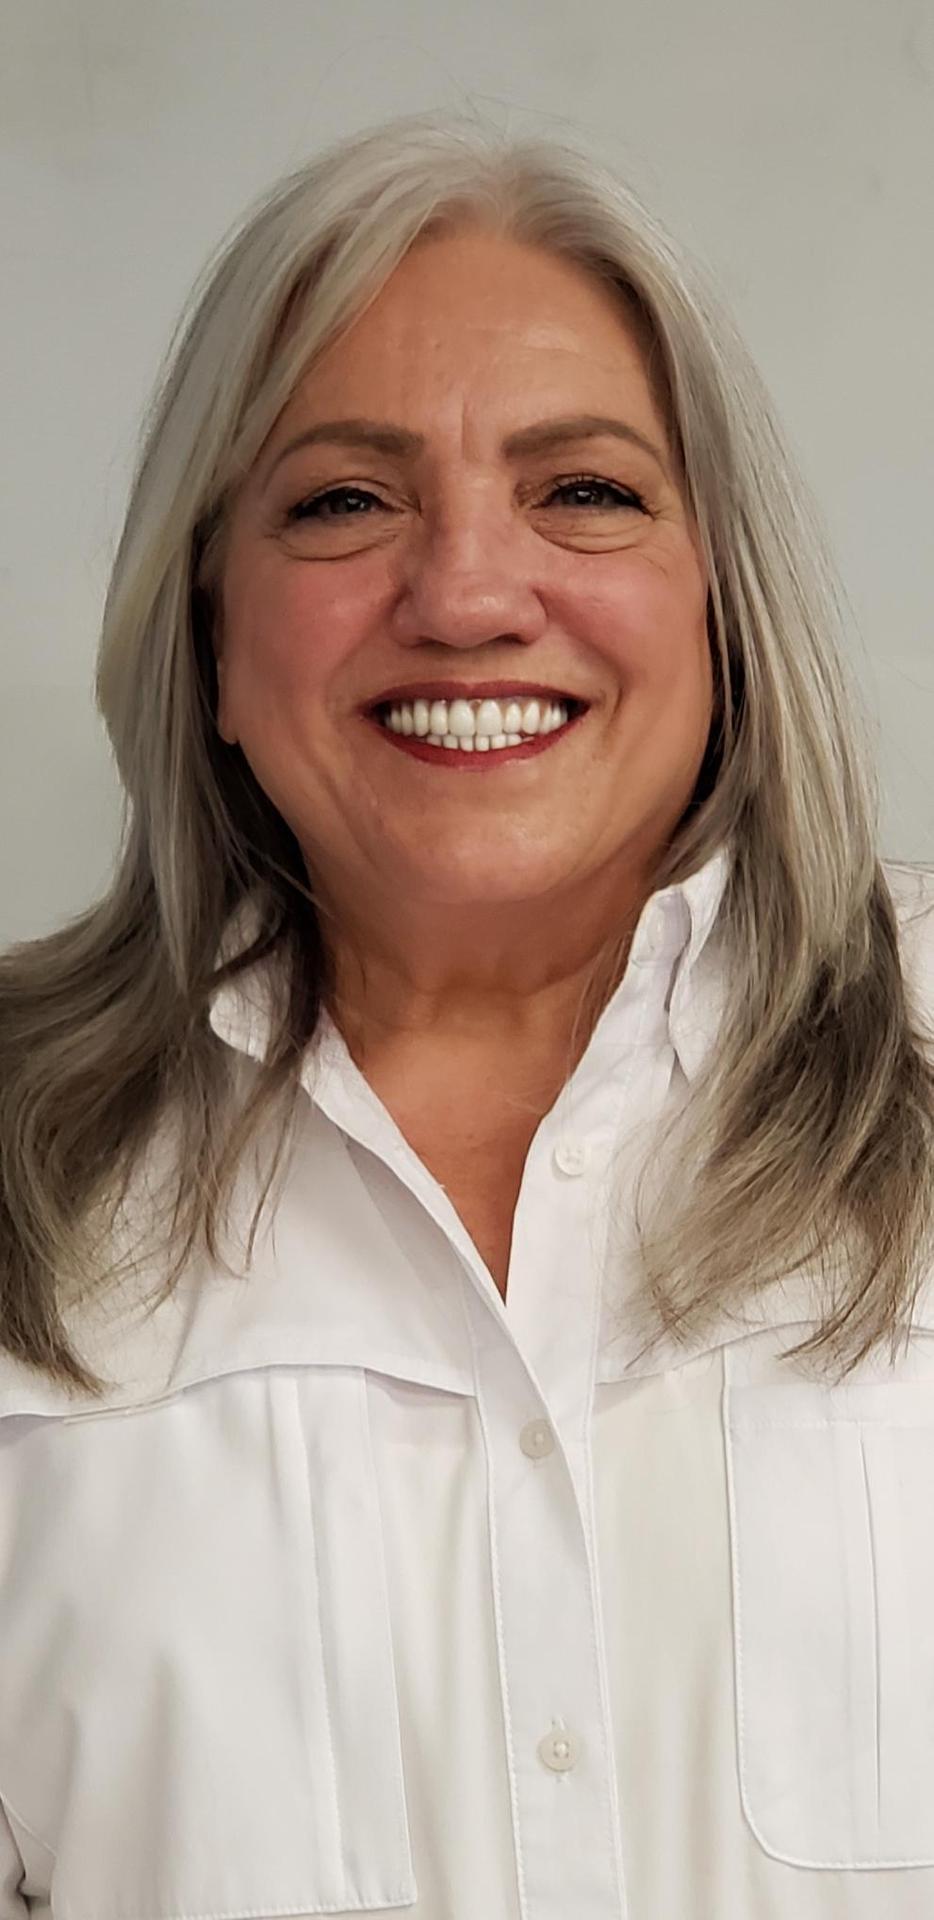 Carole Williams